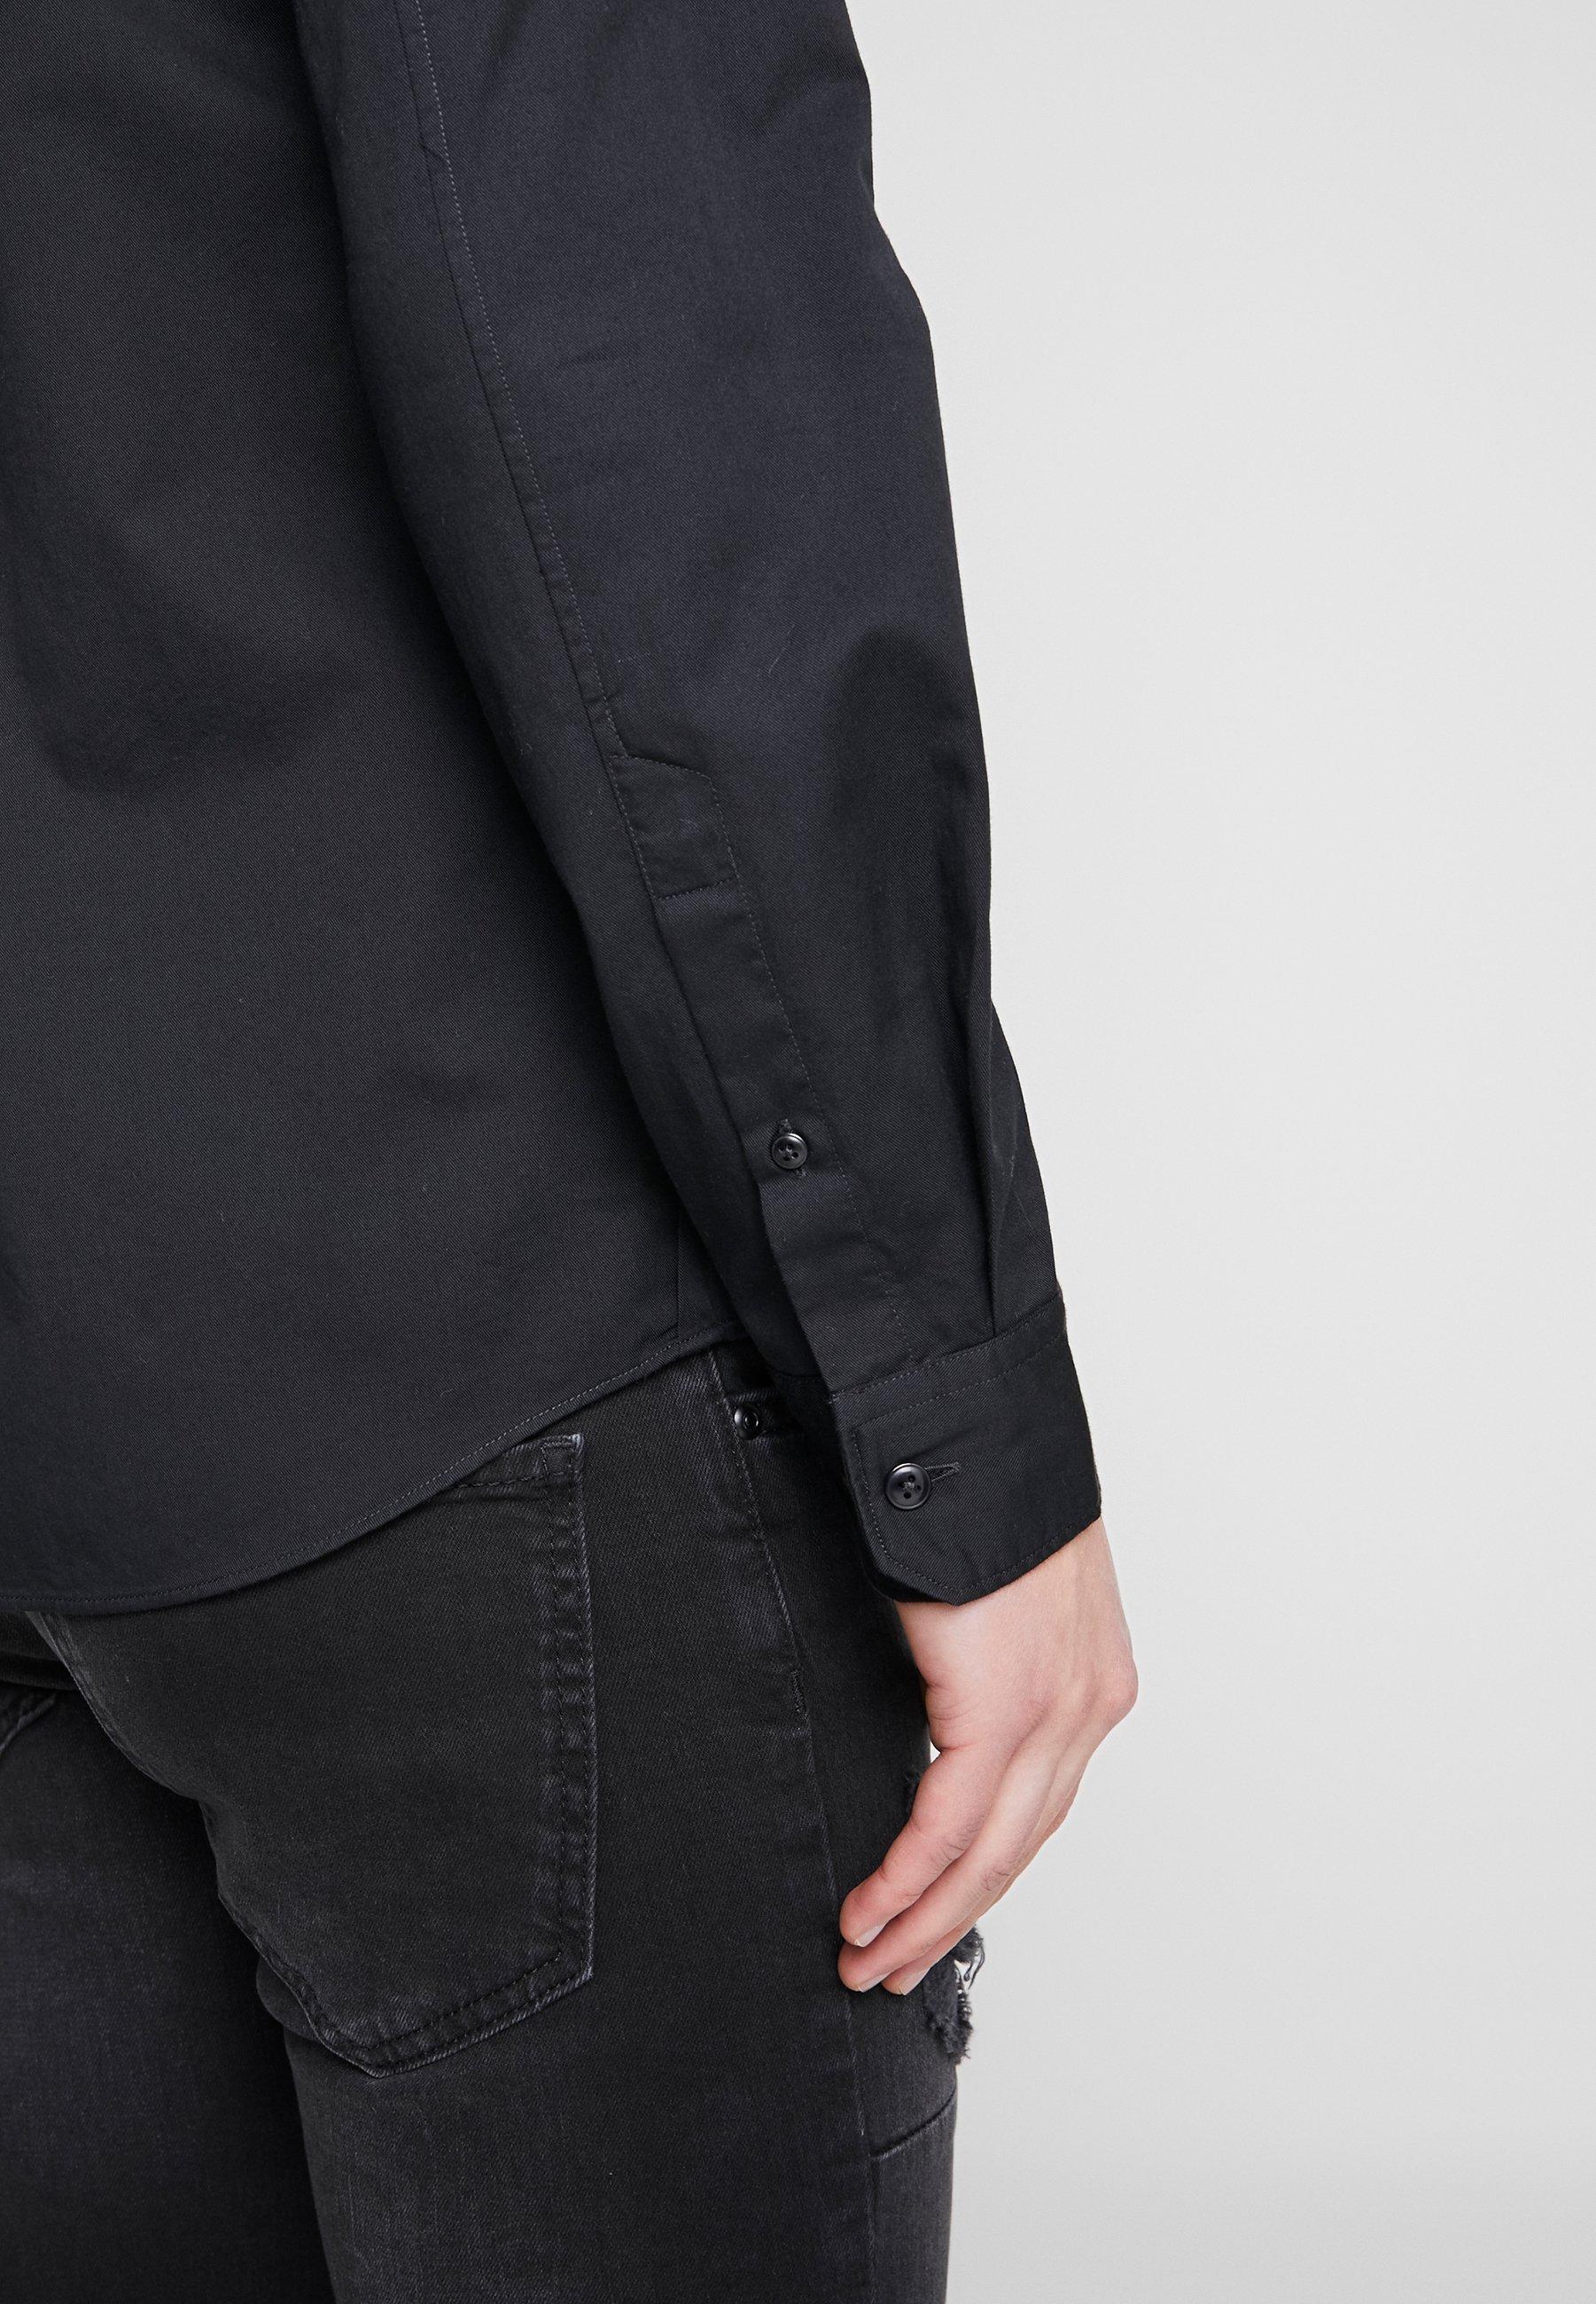 Junk De Luxe Skjorte black Zalando.no